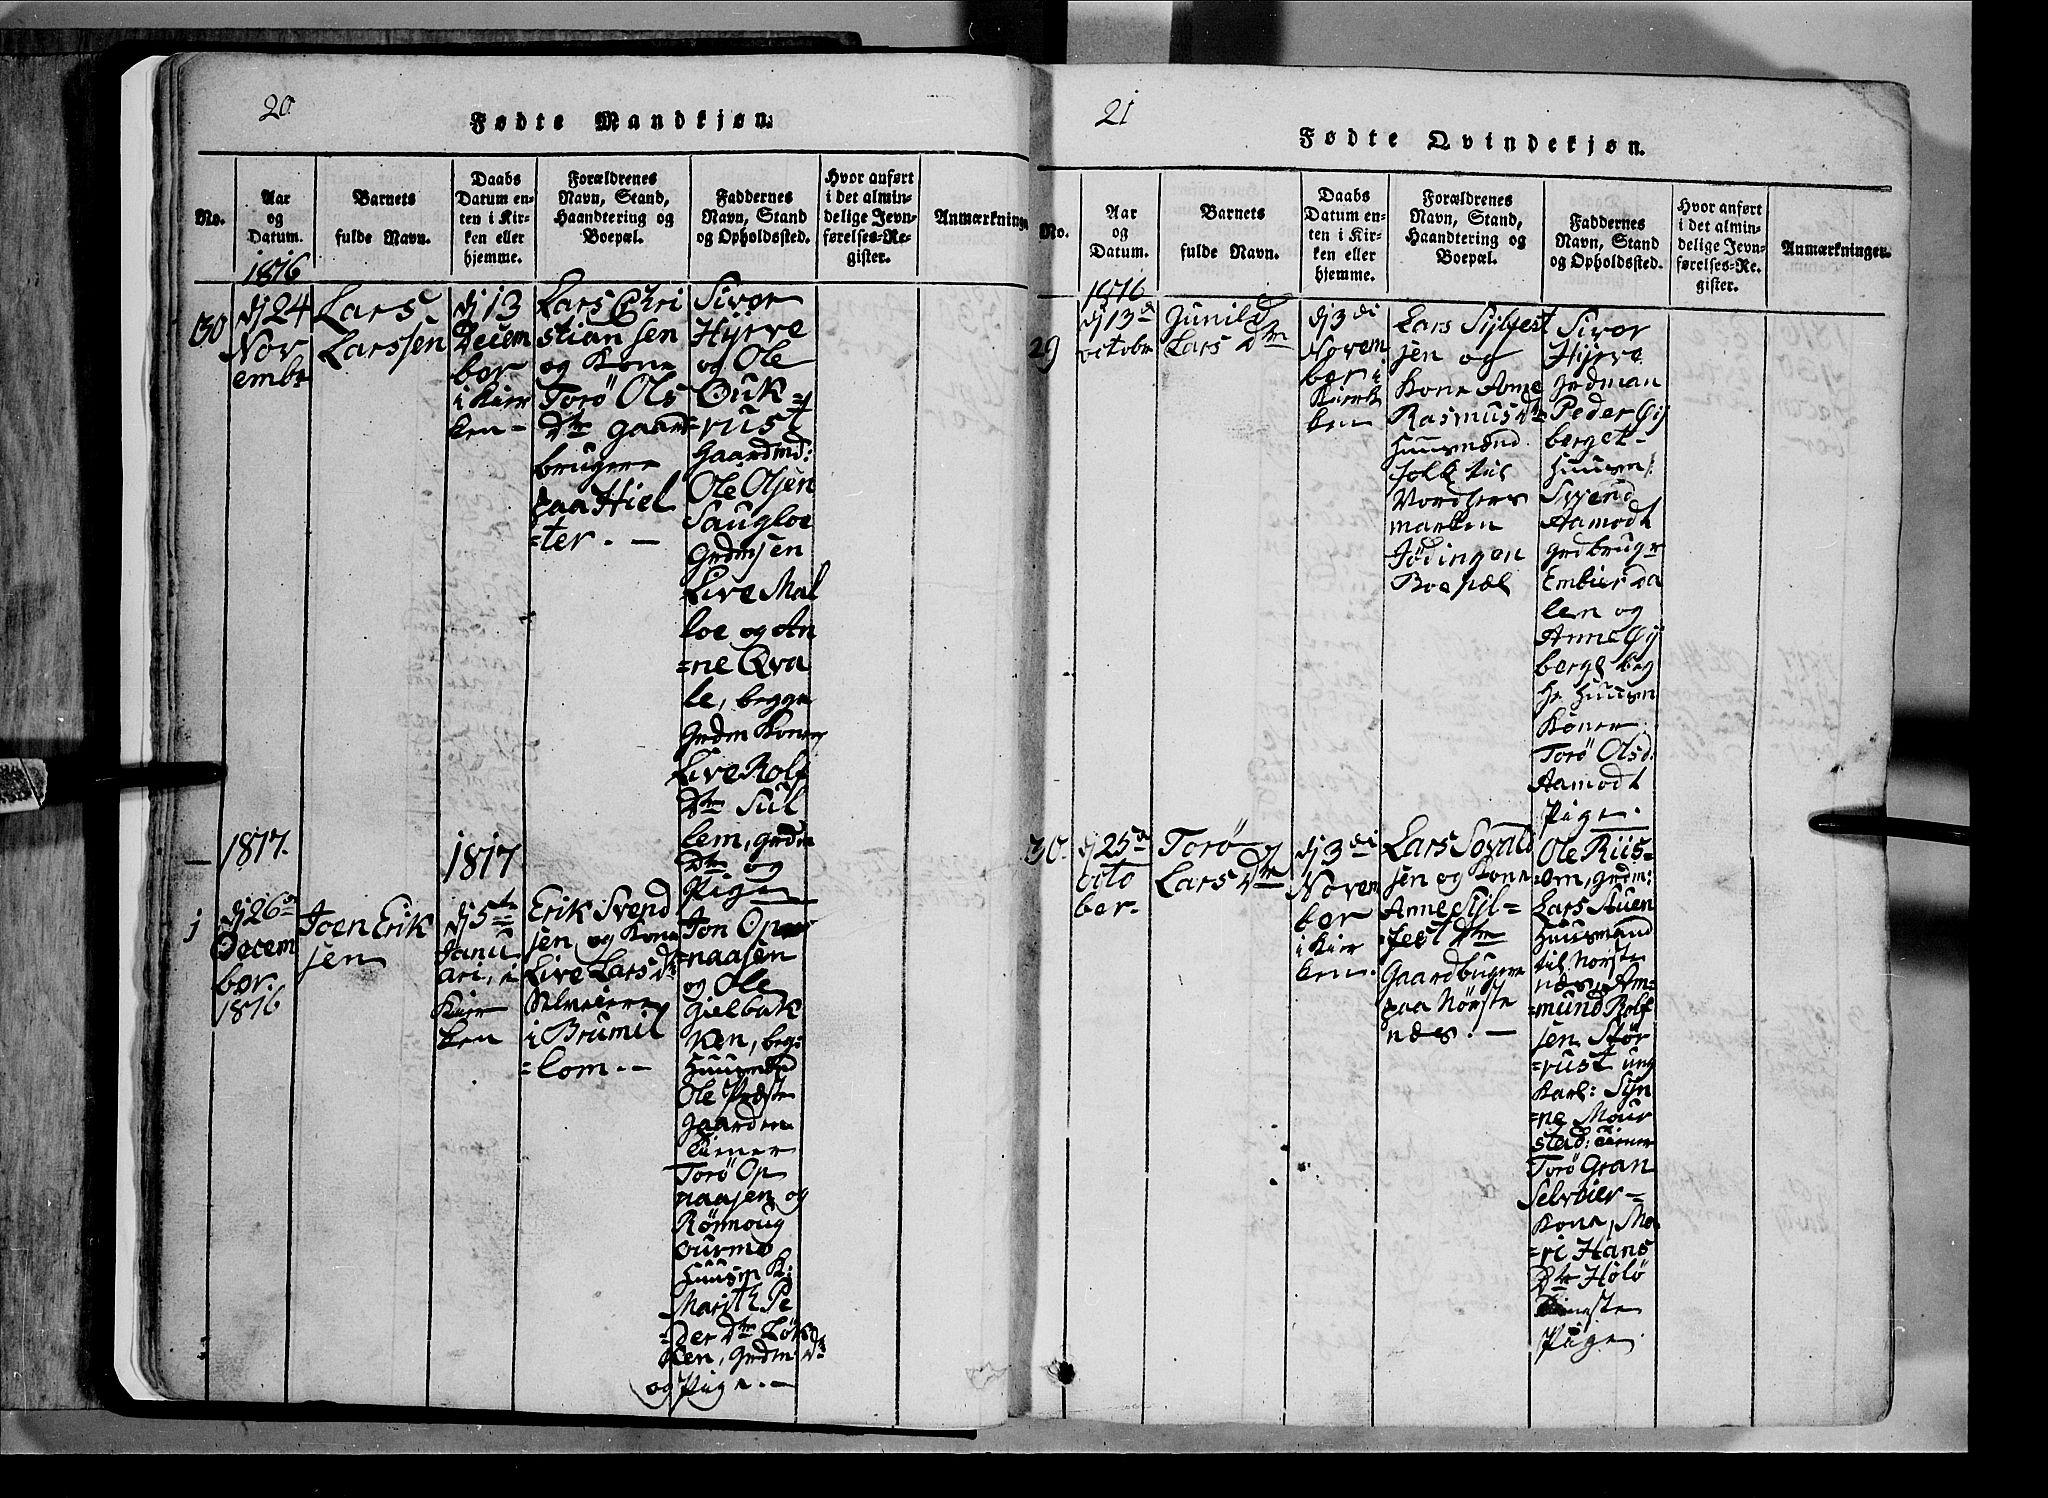 SAH, Lom prestekontor, L/L0003: Klokkerbok nr. 3, 1815-1844, s. 20-21